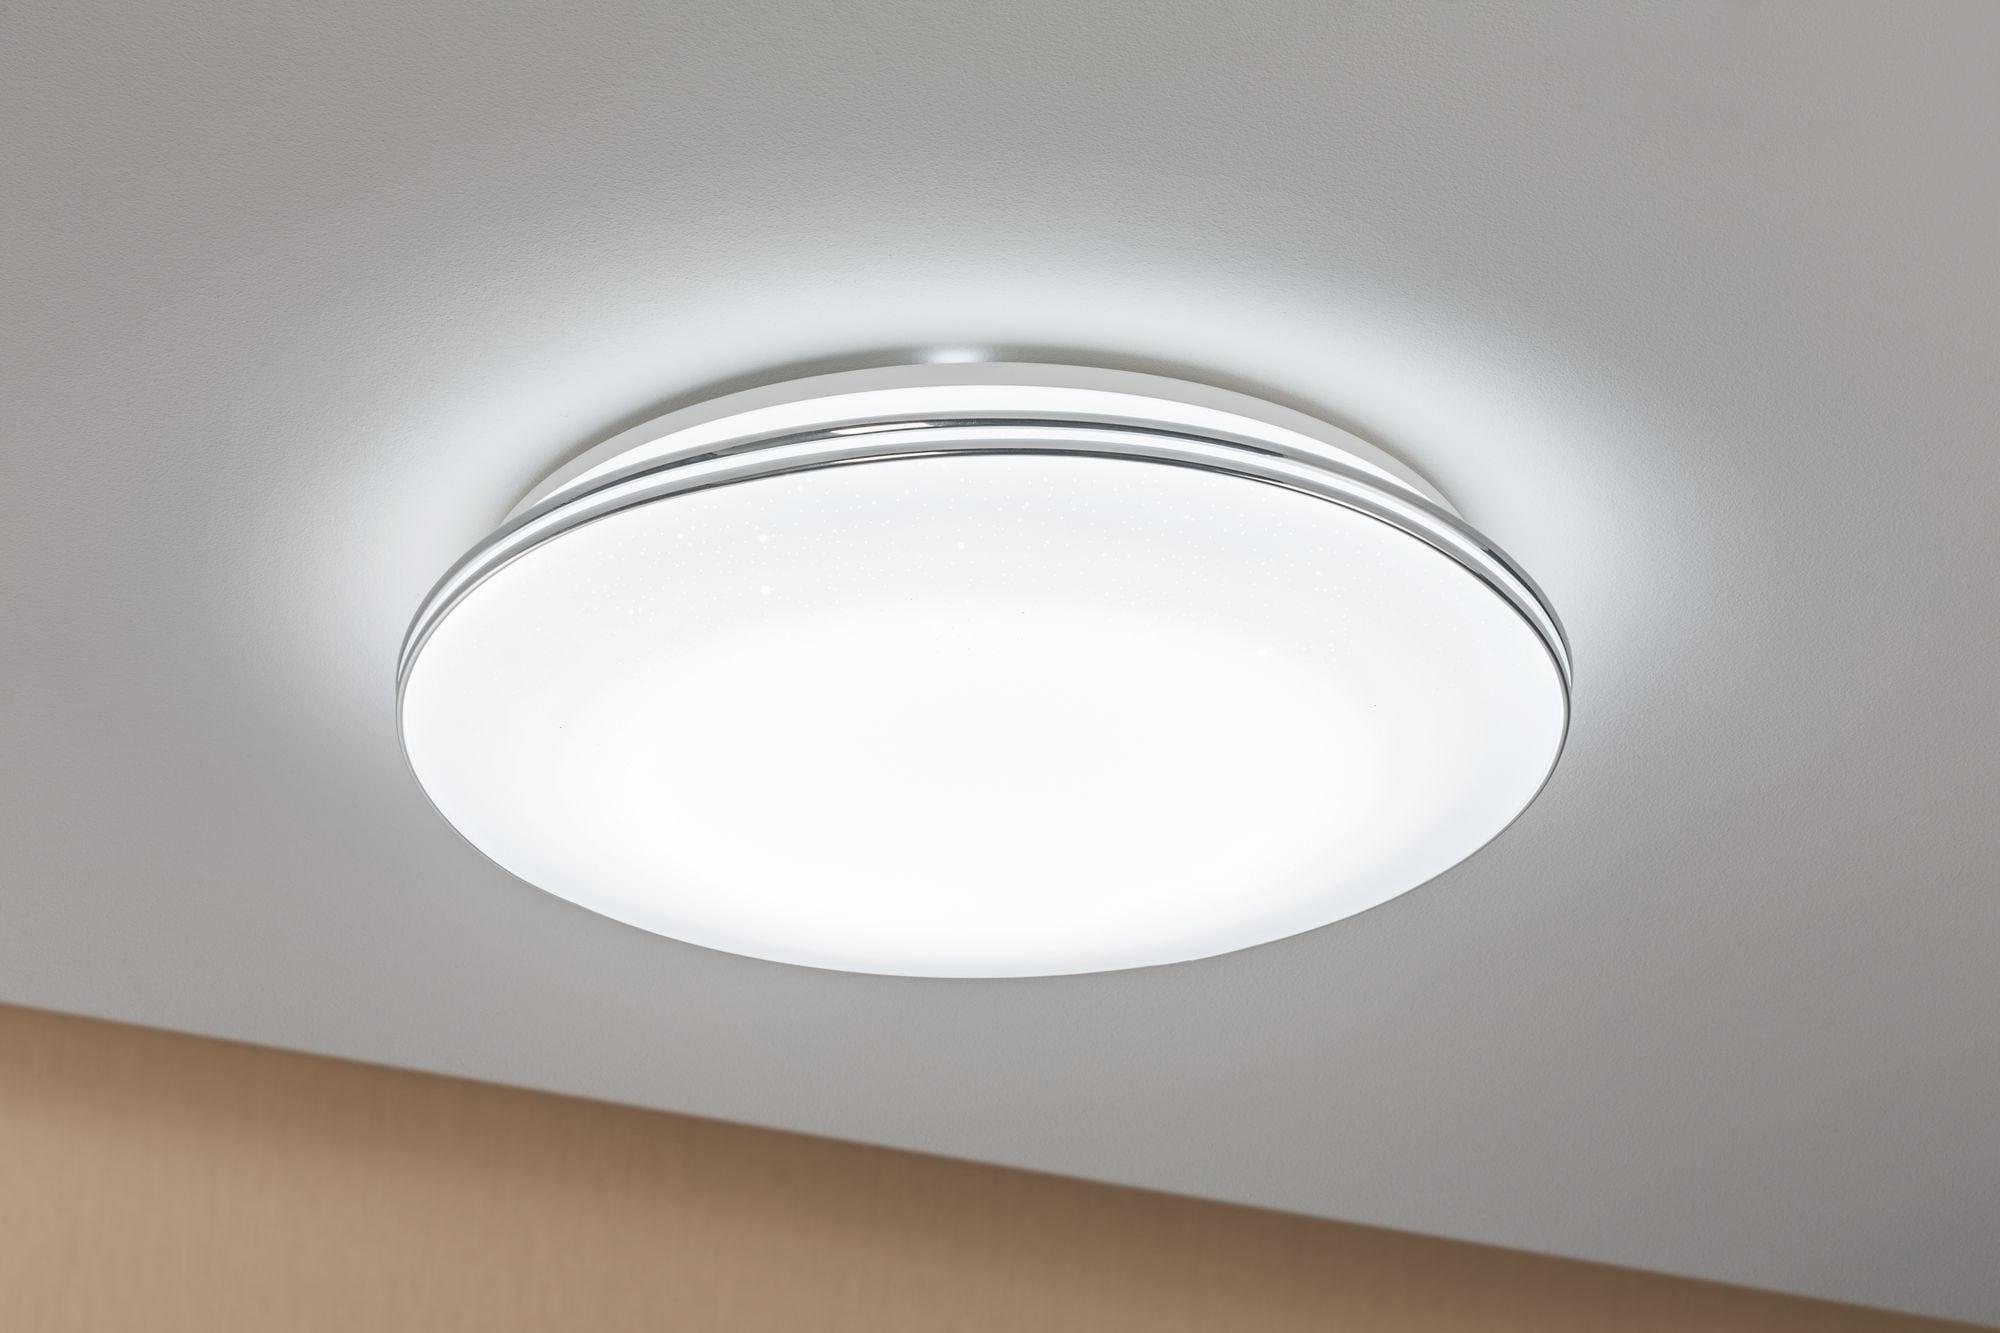 Paulmann LED Deckenleuchte Sternenhimmel Costella rund 22W Weiß Sternenhimmel, 1 St., Tageslichtweiß